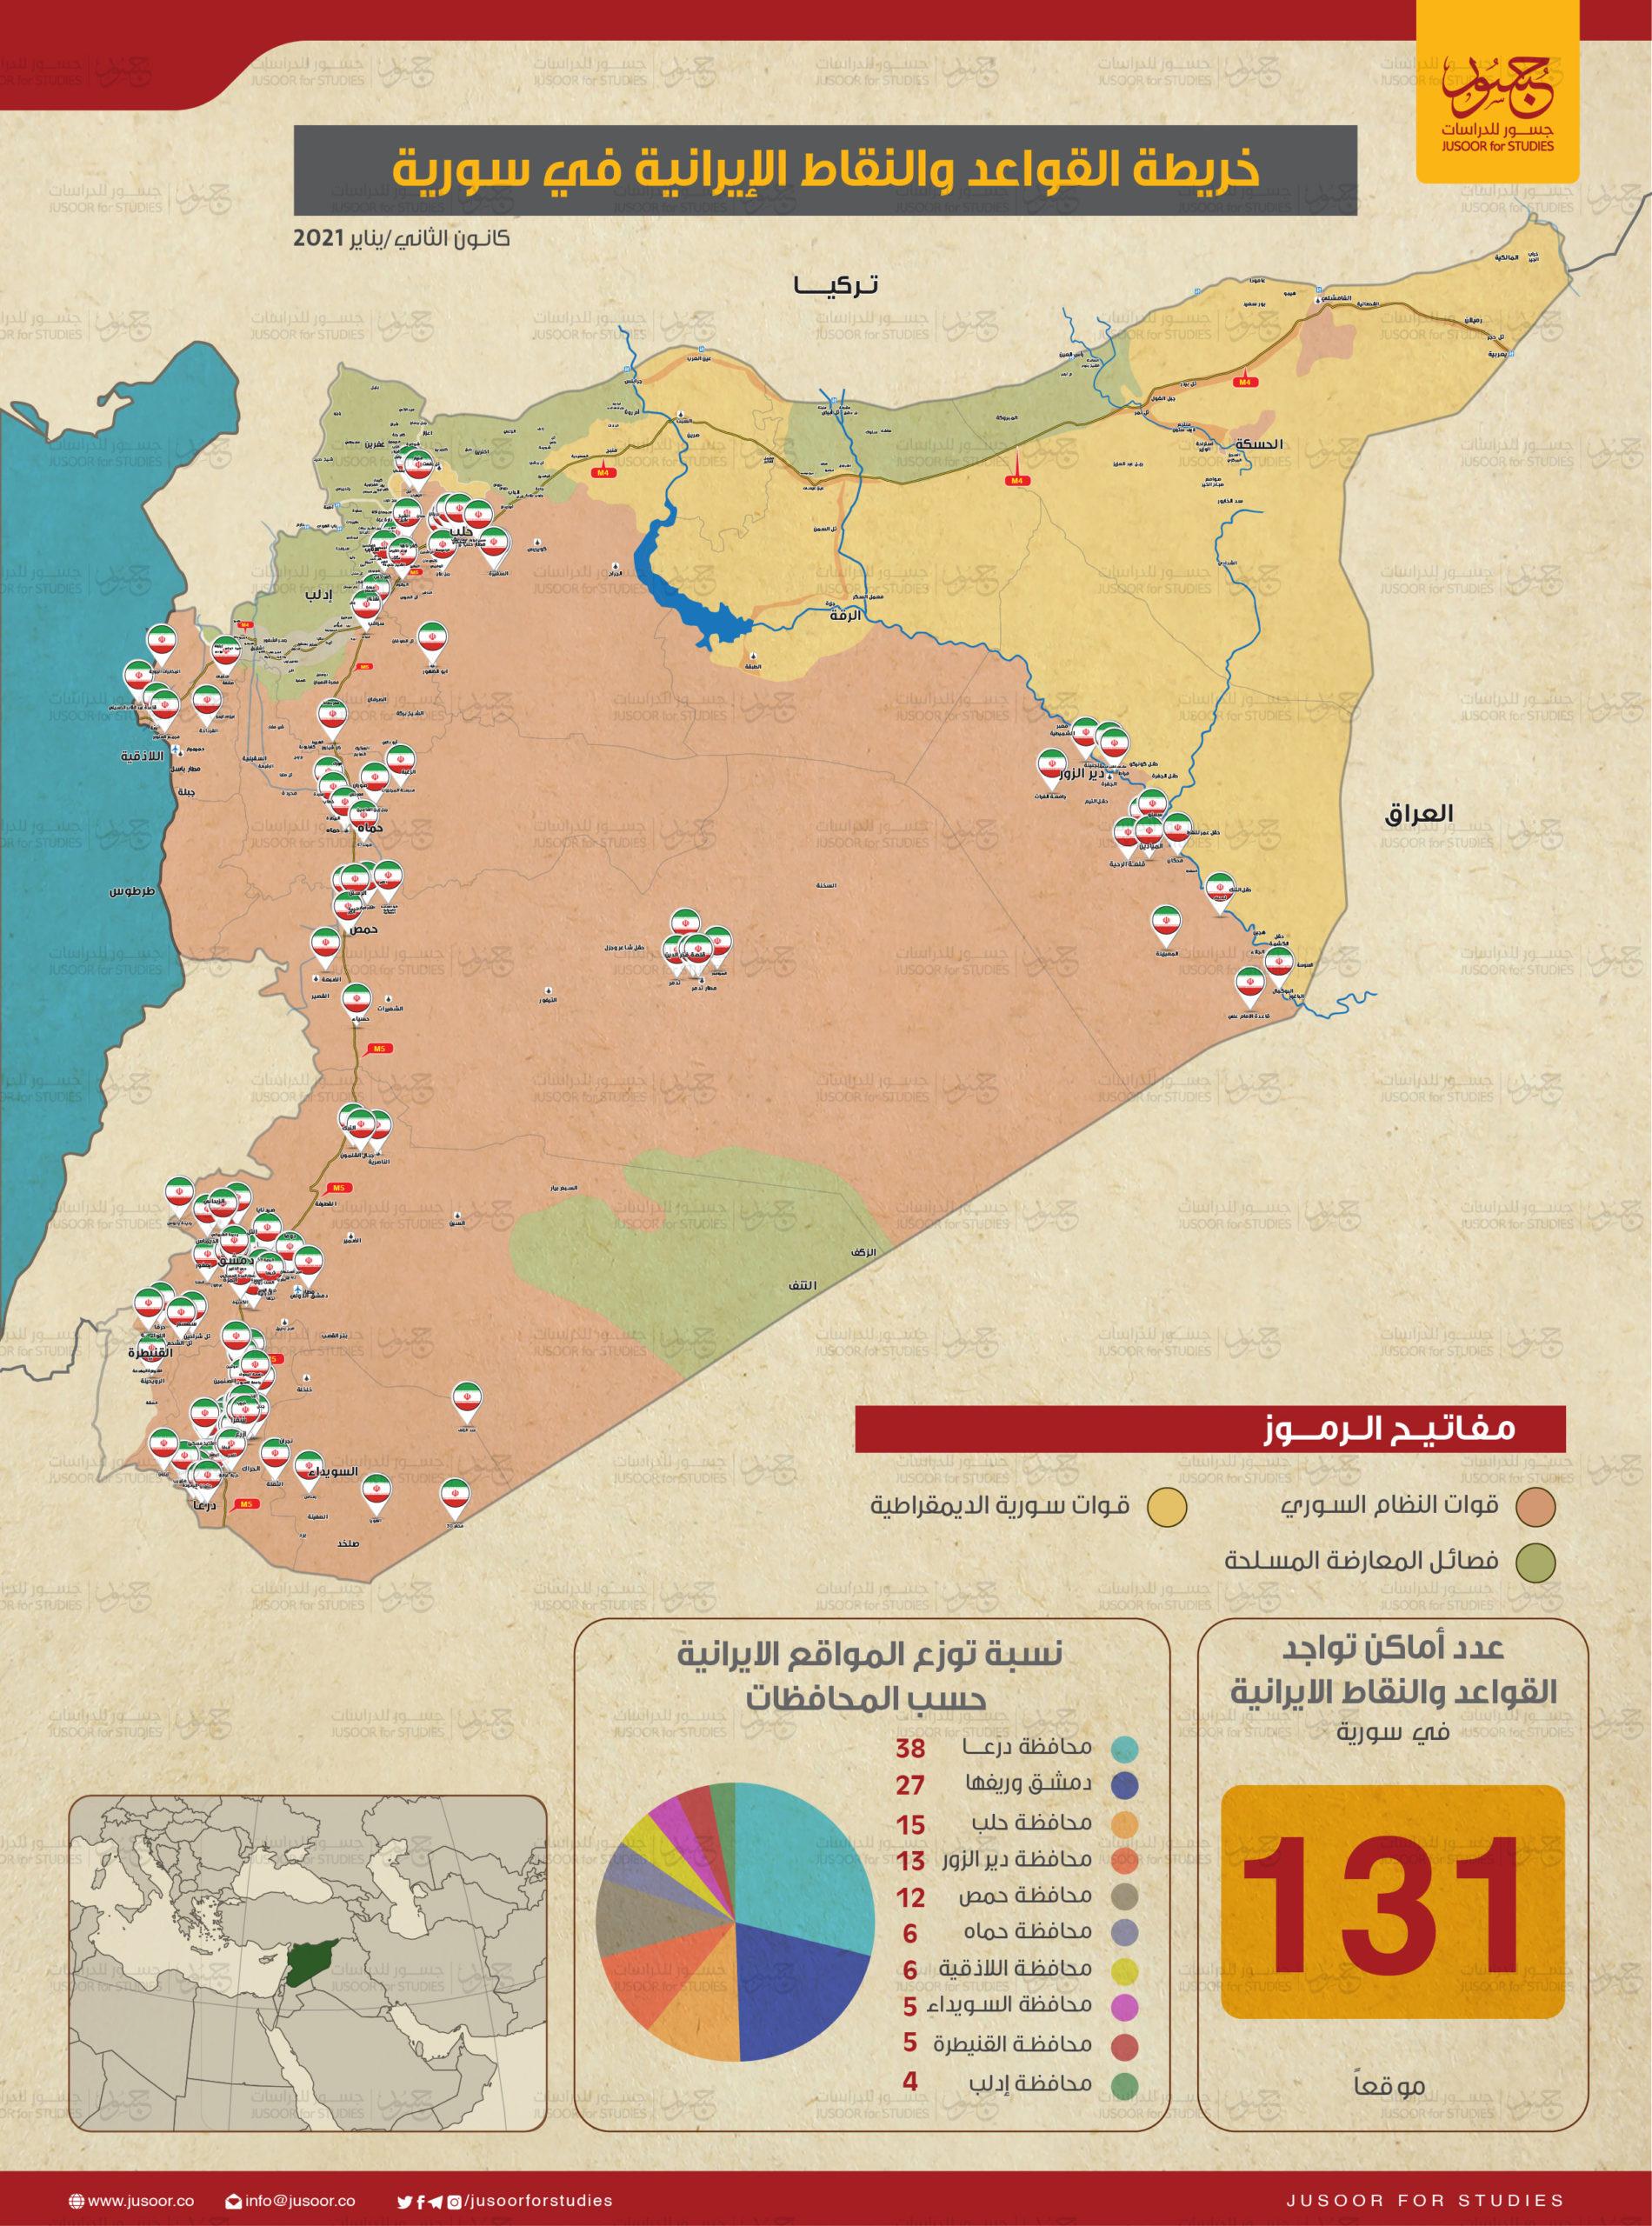 خريطة القواعد والنقاط الإيرانية في سوريا (مركز جسور للدراسات)